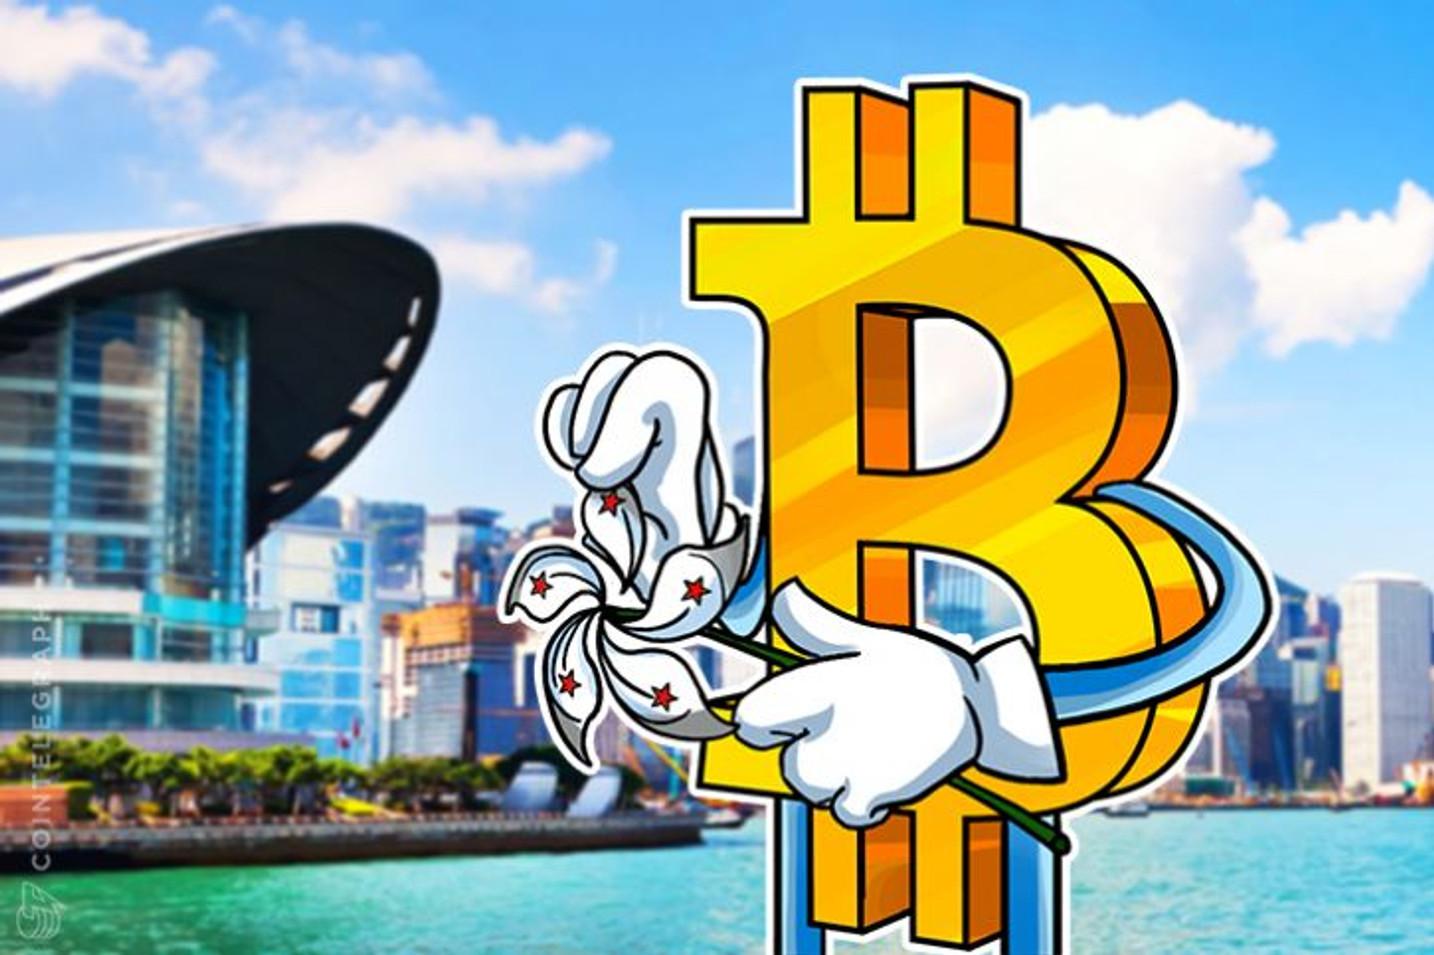 Drama chino causa gran migración de comerciantes de Bitcoin, negocios